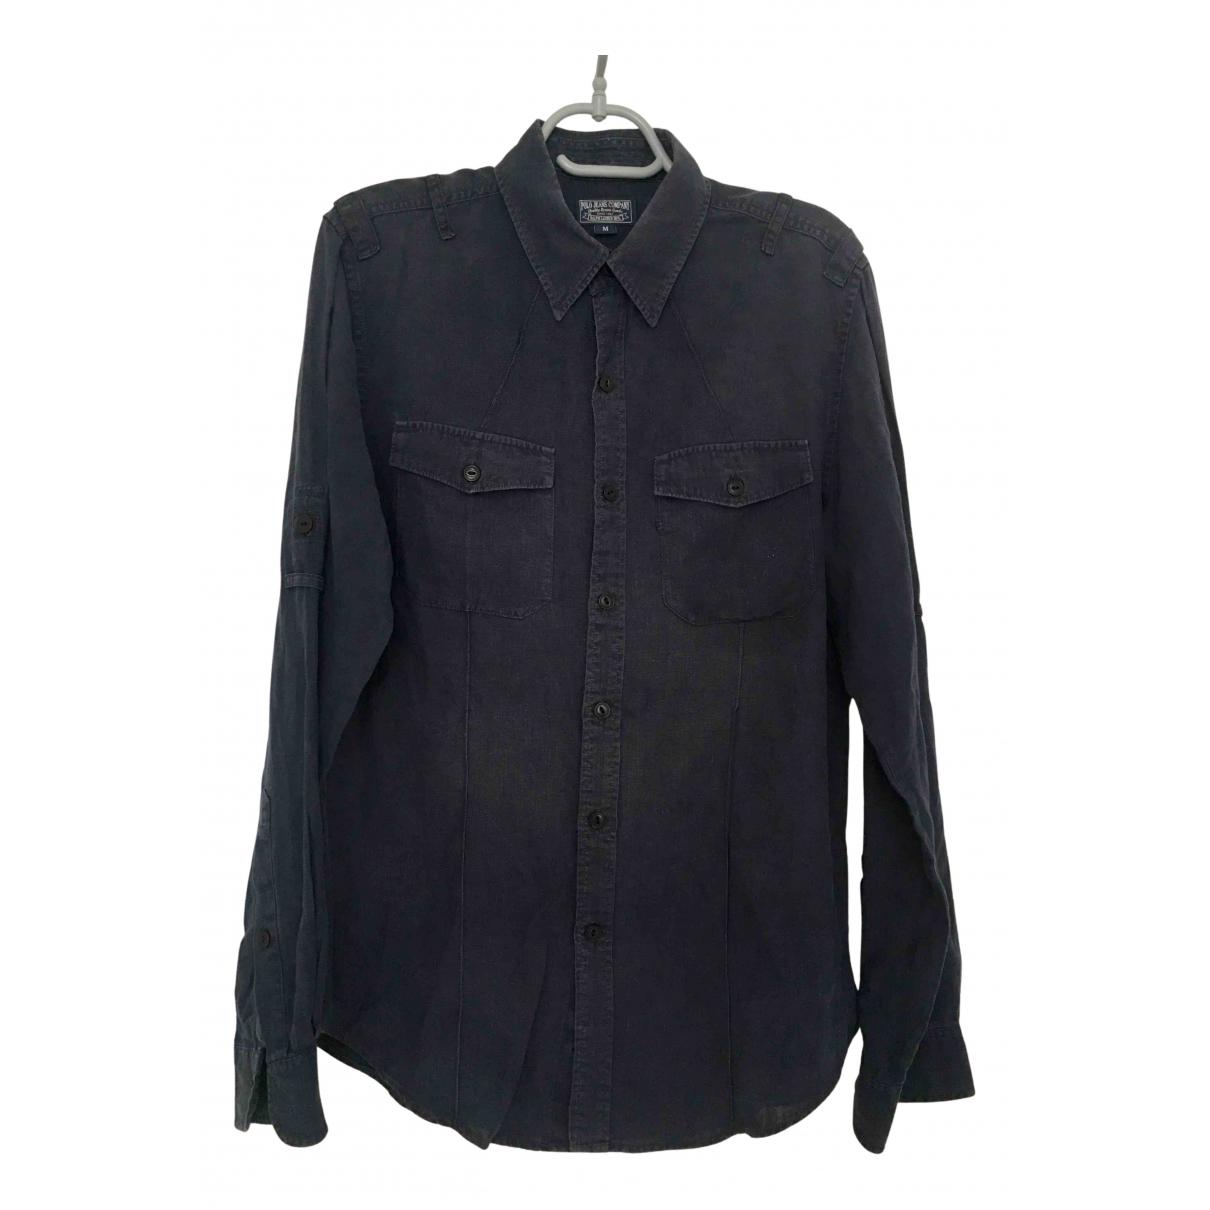 Polo Ralph Lauren - Chemises   pour homme en lin - bleu